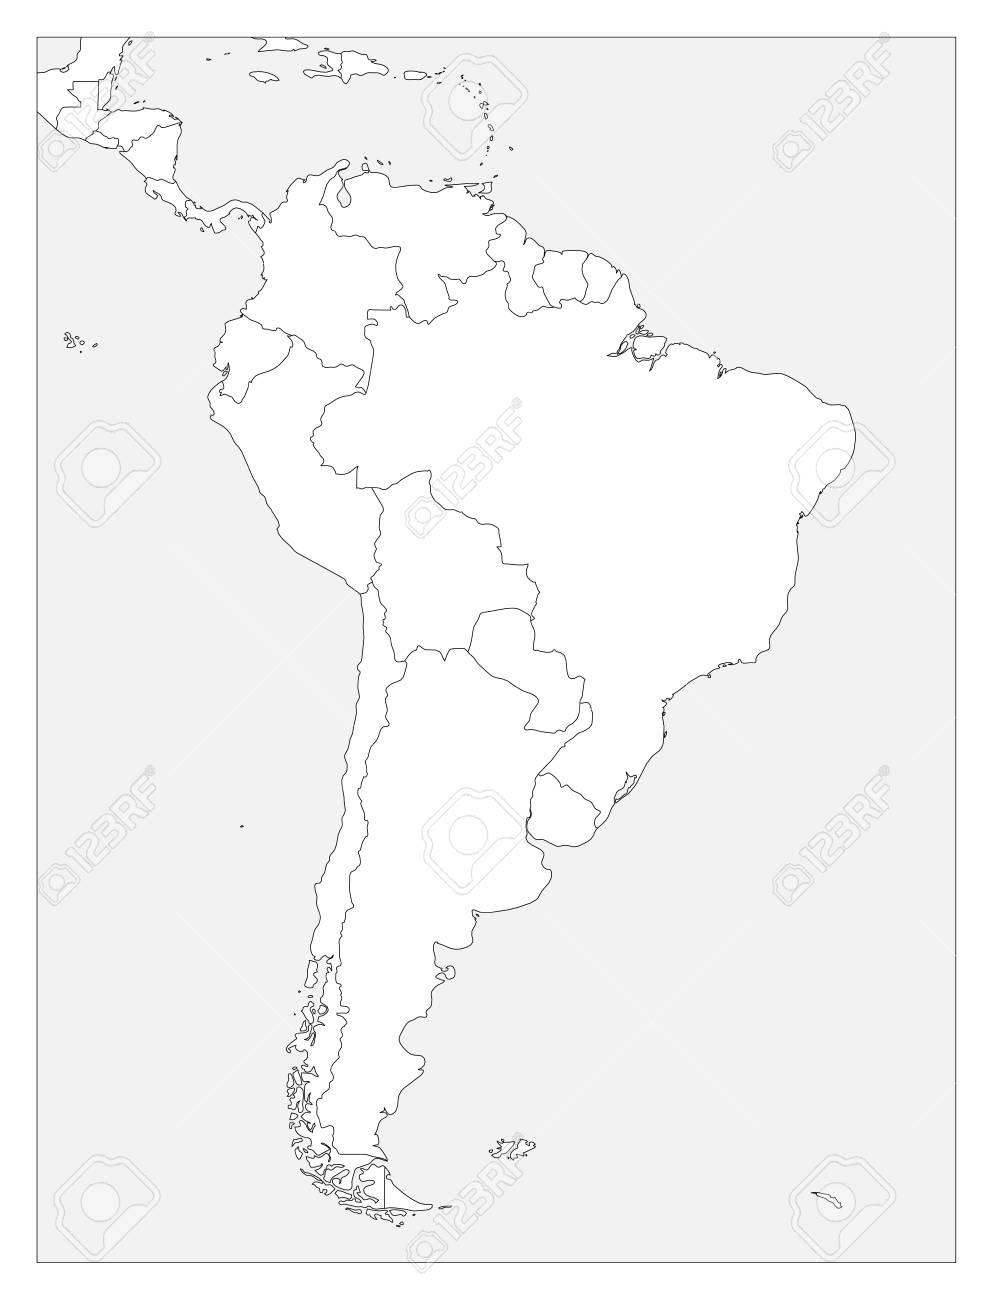 Mapa Politico En Blanco.Mapa Politico En Blanco De Vector De Contorno Plano Simple Mapa De Contorno Simple